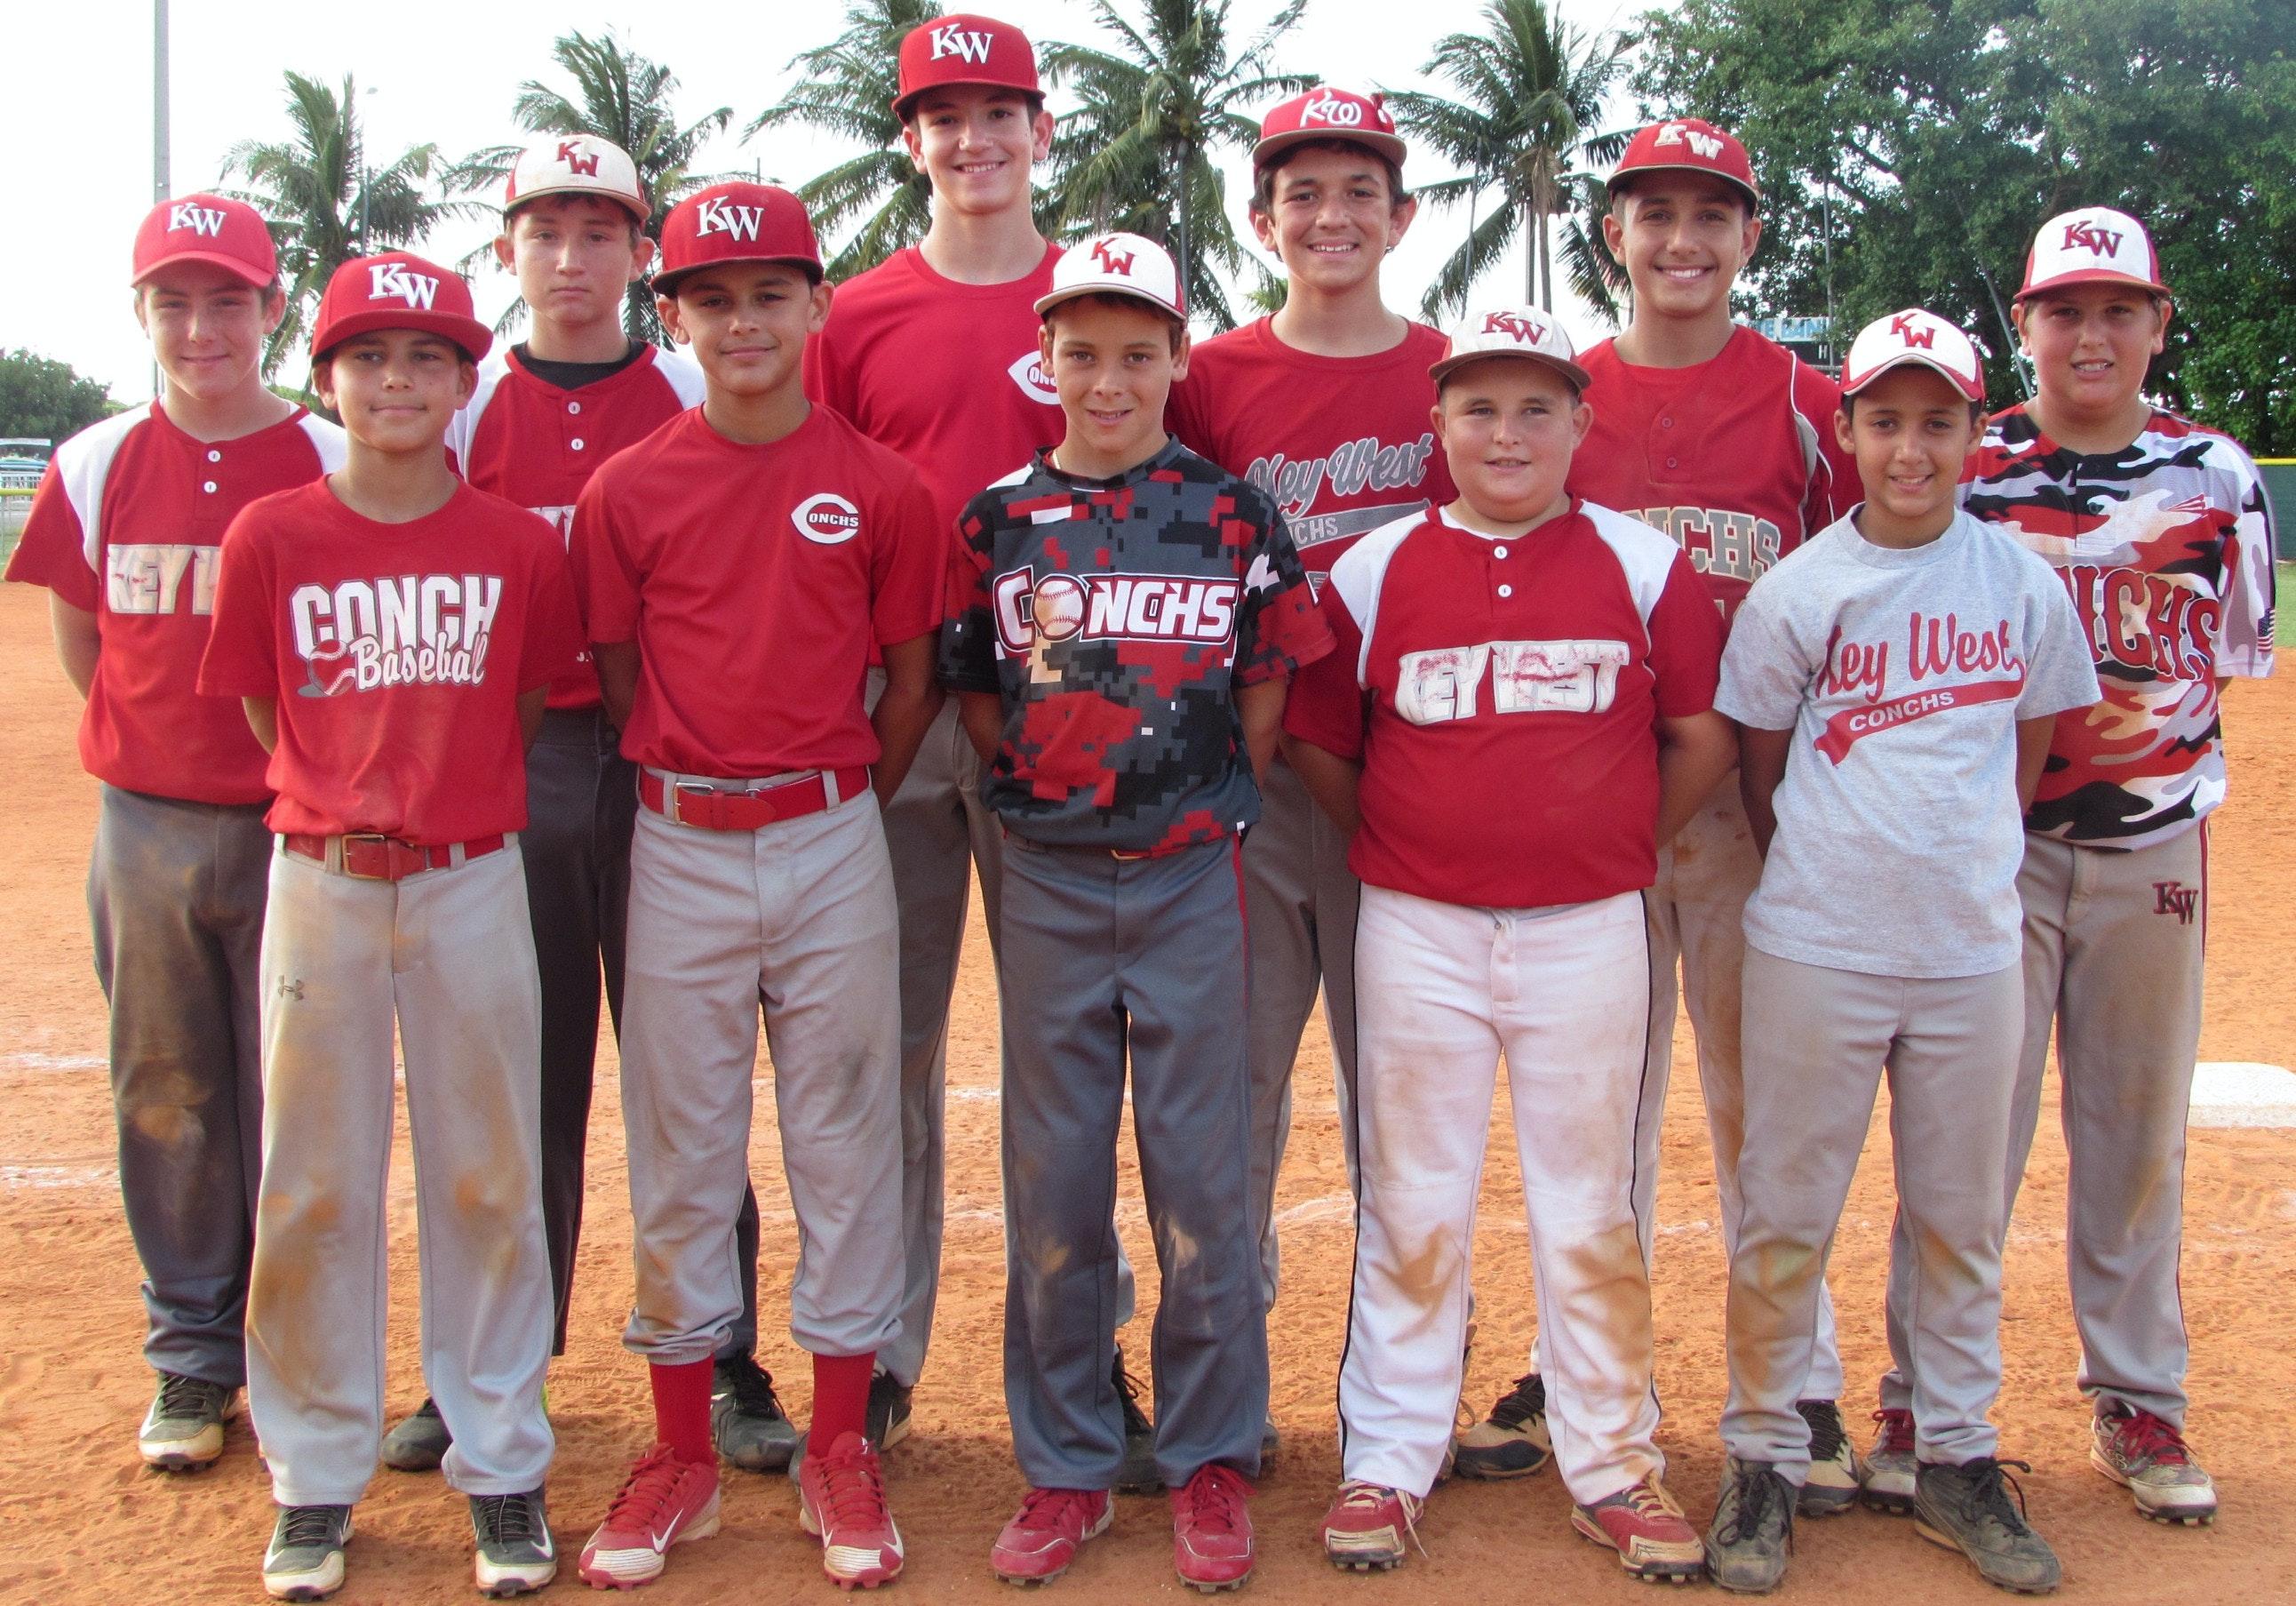 KW Conchs U12 (B) Travel Team